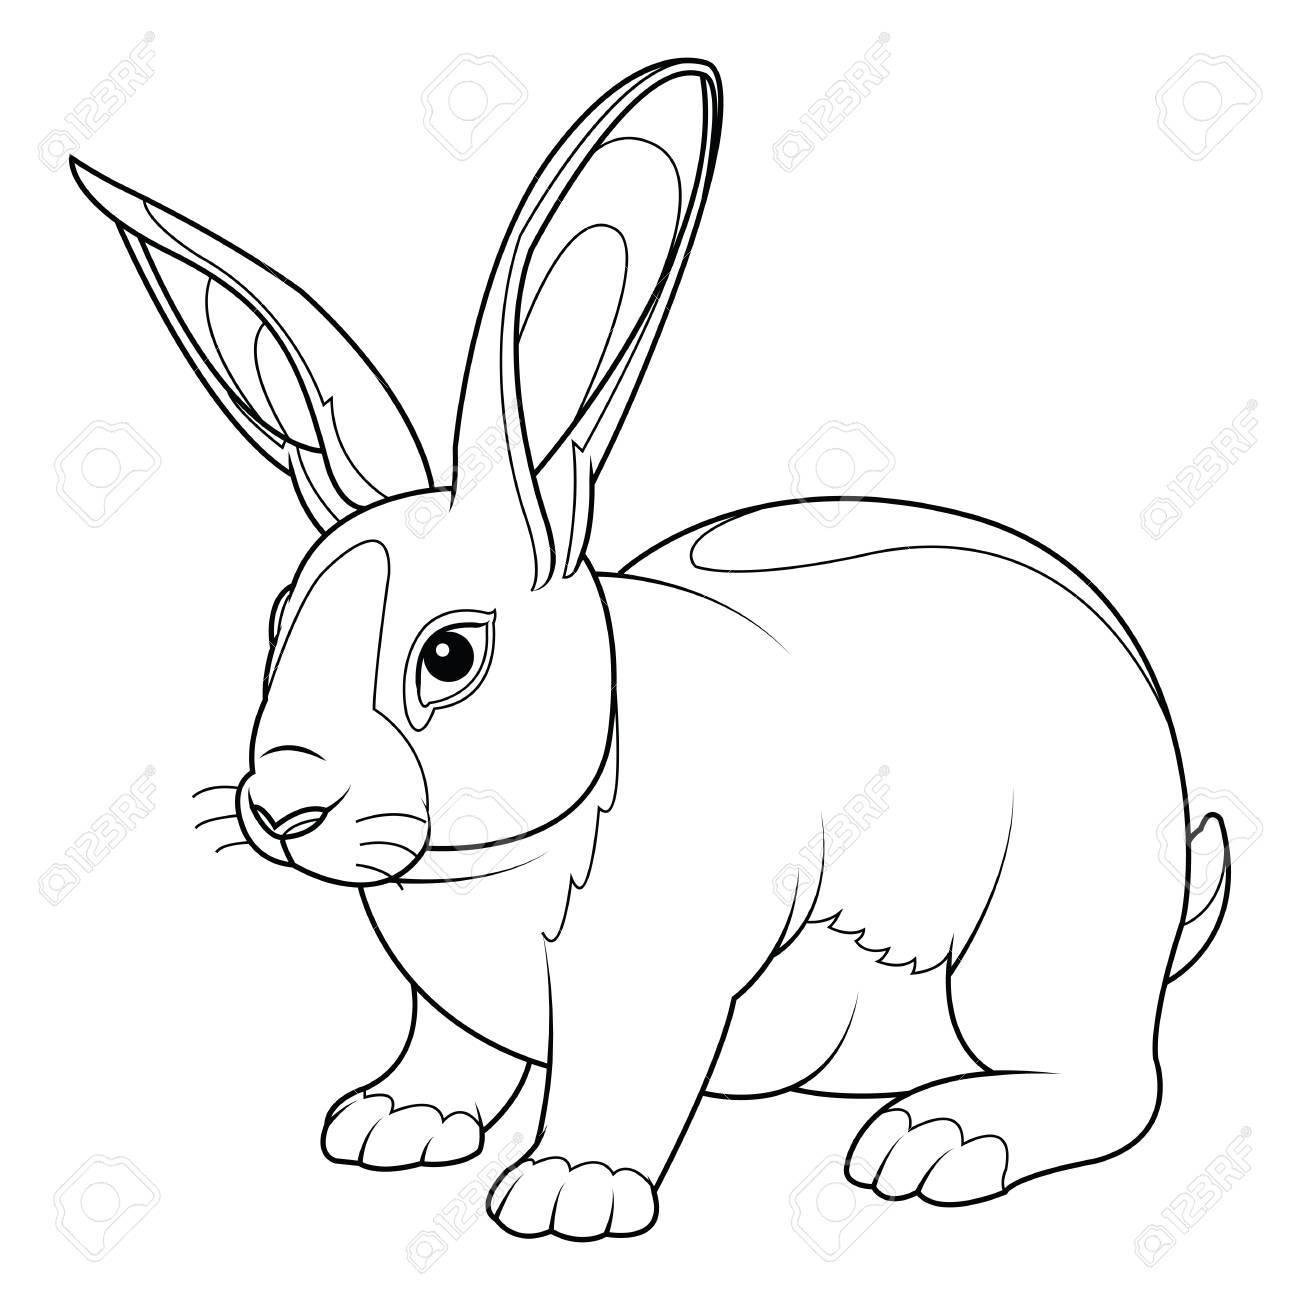 Página Para Colorear Conejo. Mano Dibuja El Ejemplo Del Vector Del ...